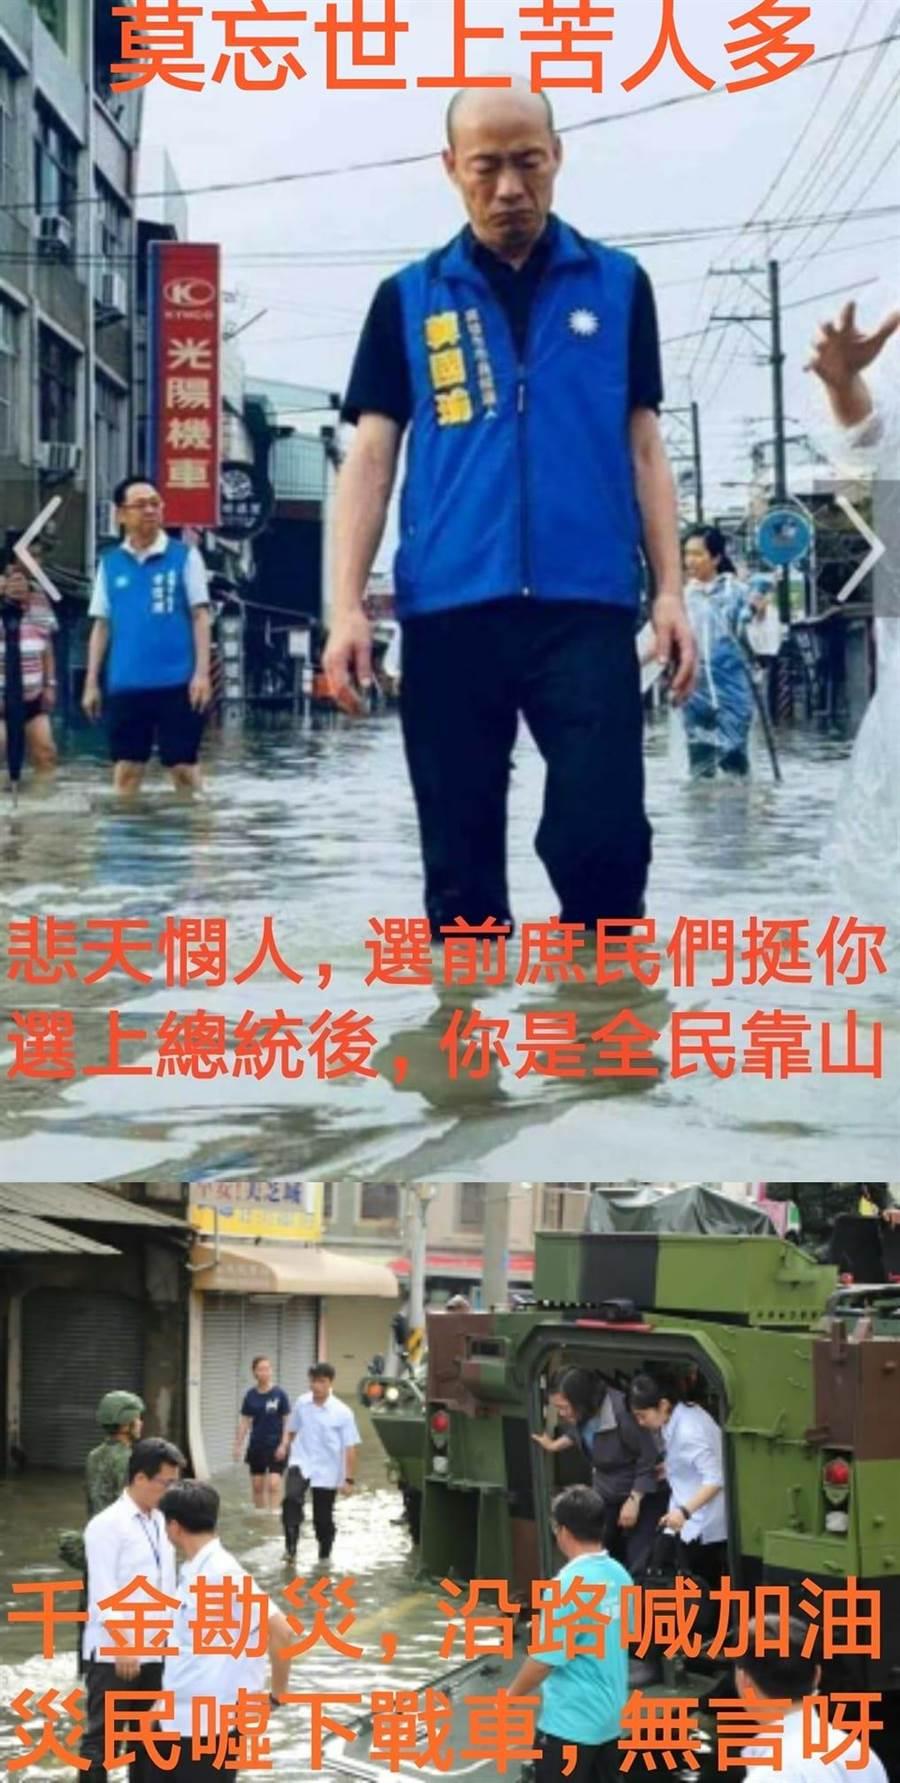 網友臉書發文附圖。(圖/取自臉書「周錫瑋戰將後援會」)